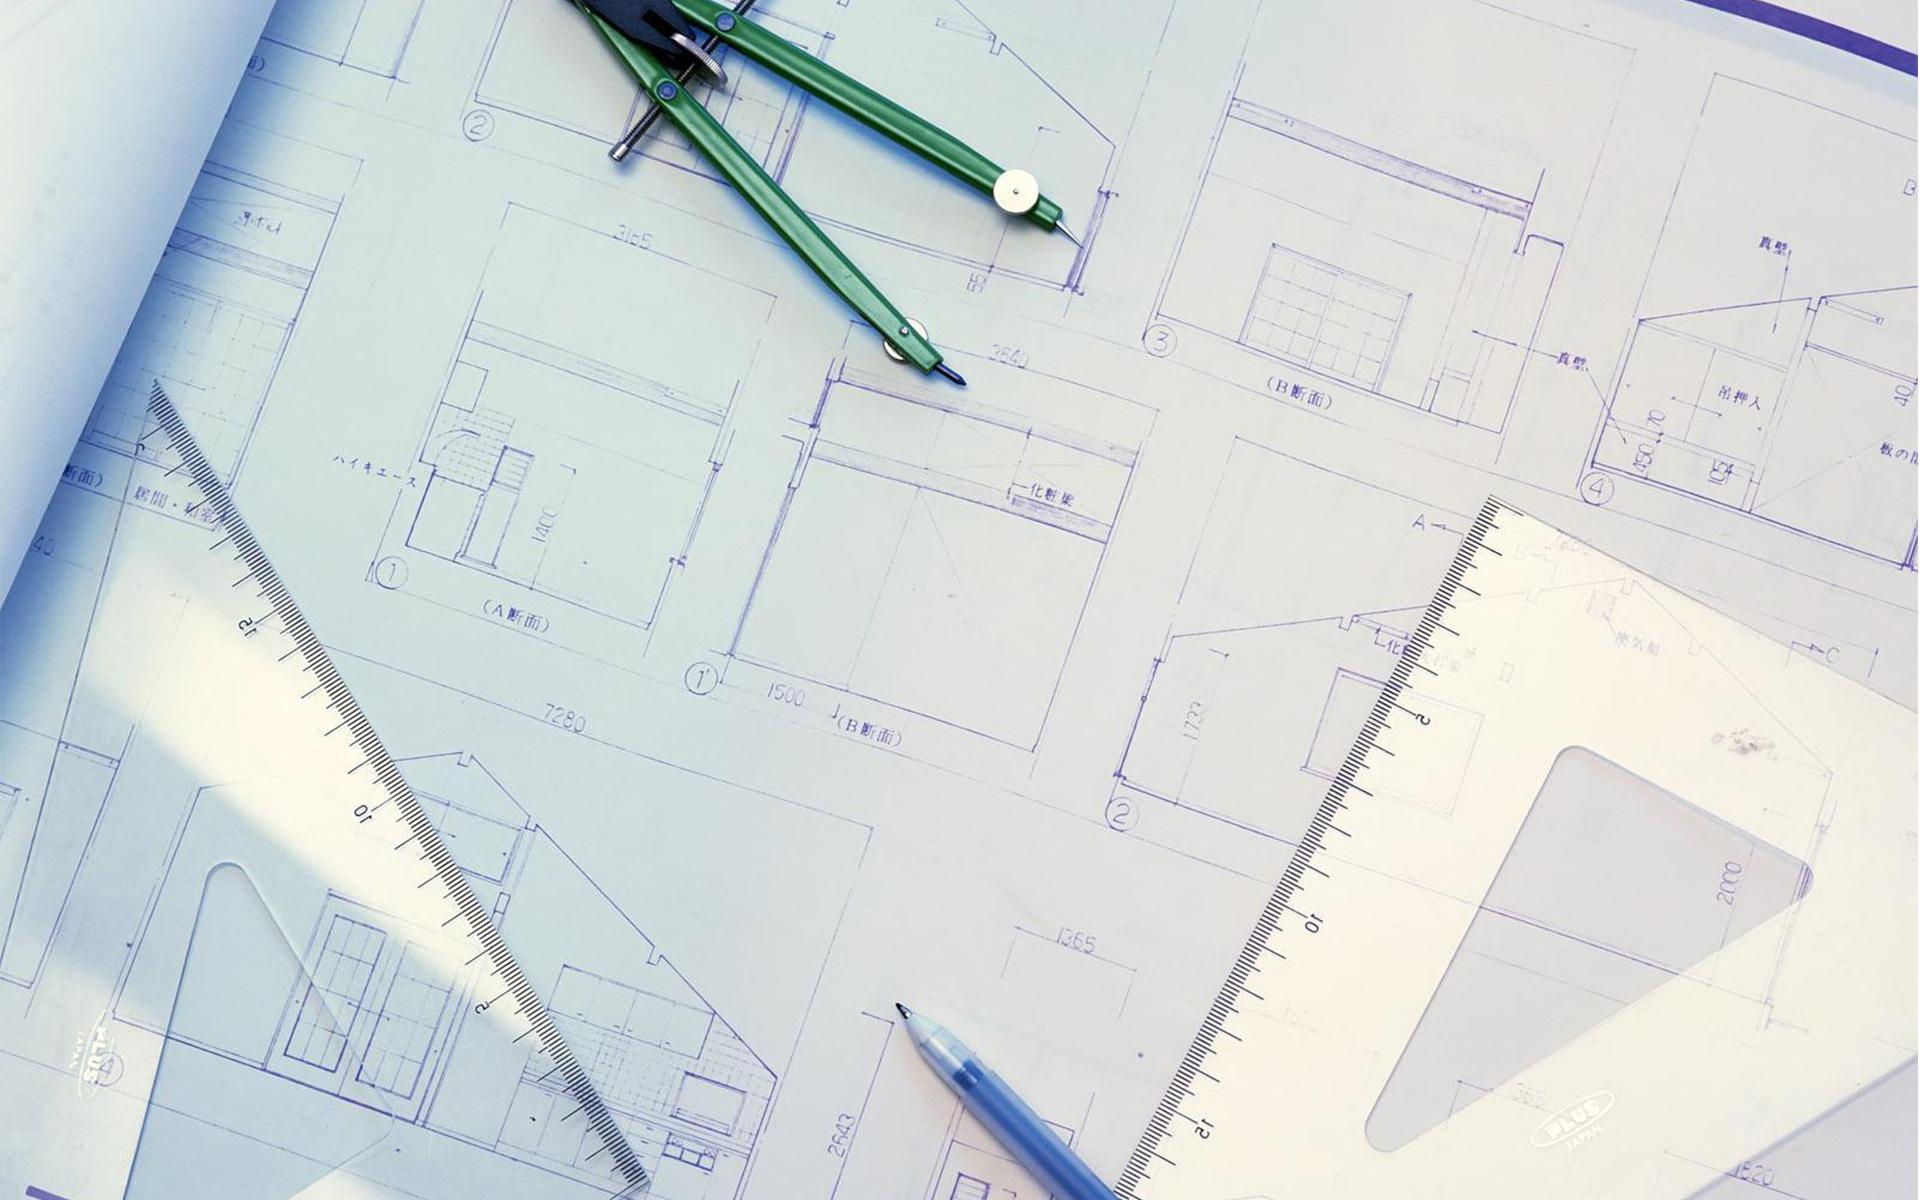 文艺简约背景建筑设计PPT背景图片免费下载是由PPT宝藏(www.pptbz.com)会员zengmin上传推荐的简约PPT背景图片, 更新时间为2017-01-22,素材编号120678。 建筑设计(Architectural Design )是指建筑物在建造之前,设计者按照建设任务,把施工过程和使用过程中所存在的或可能发生的问题,事先作好通盘的设想,拟定好解决这些问题的办法、方案,用图纸和文件表达出来。 在古代,建筑技术和社会分工比较单纯,建筑设计和建筑施工并没有很明确的界限,施工的组织者和指挥者往往